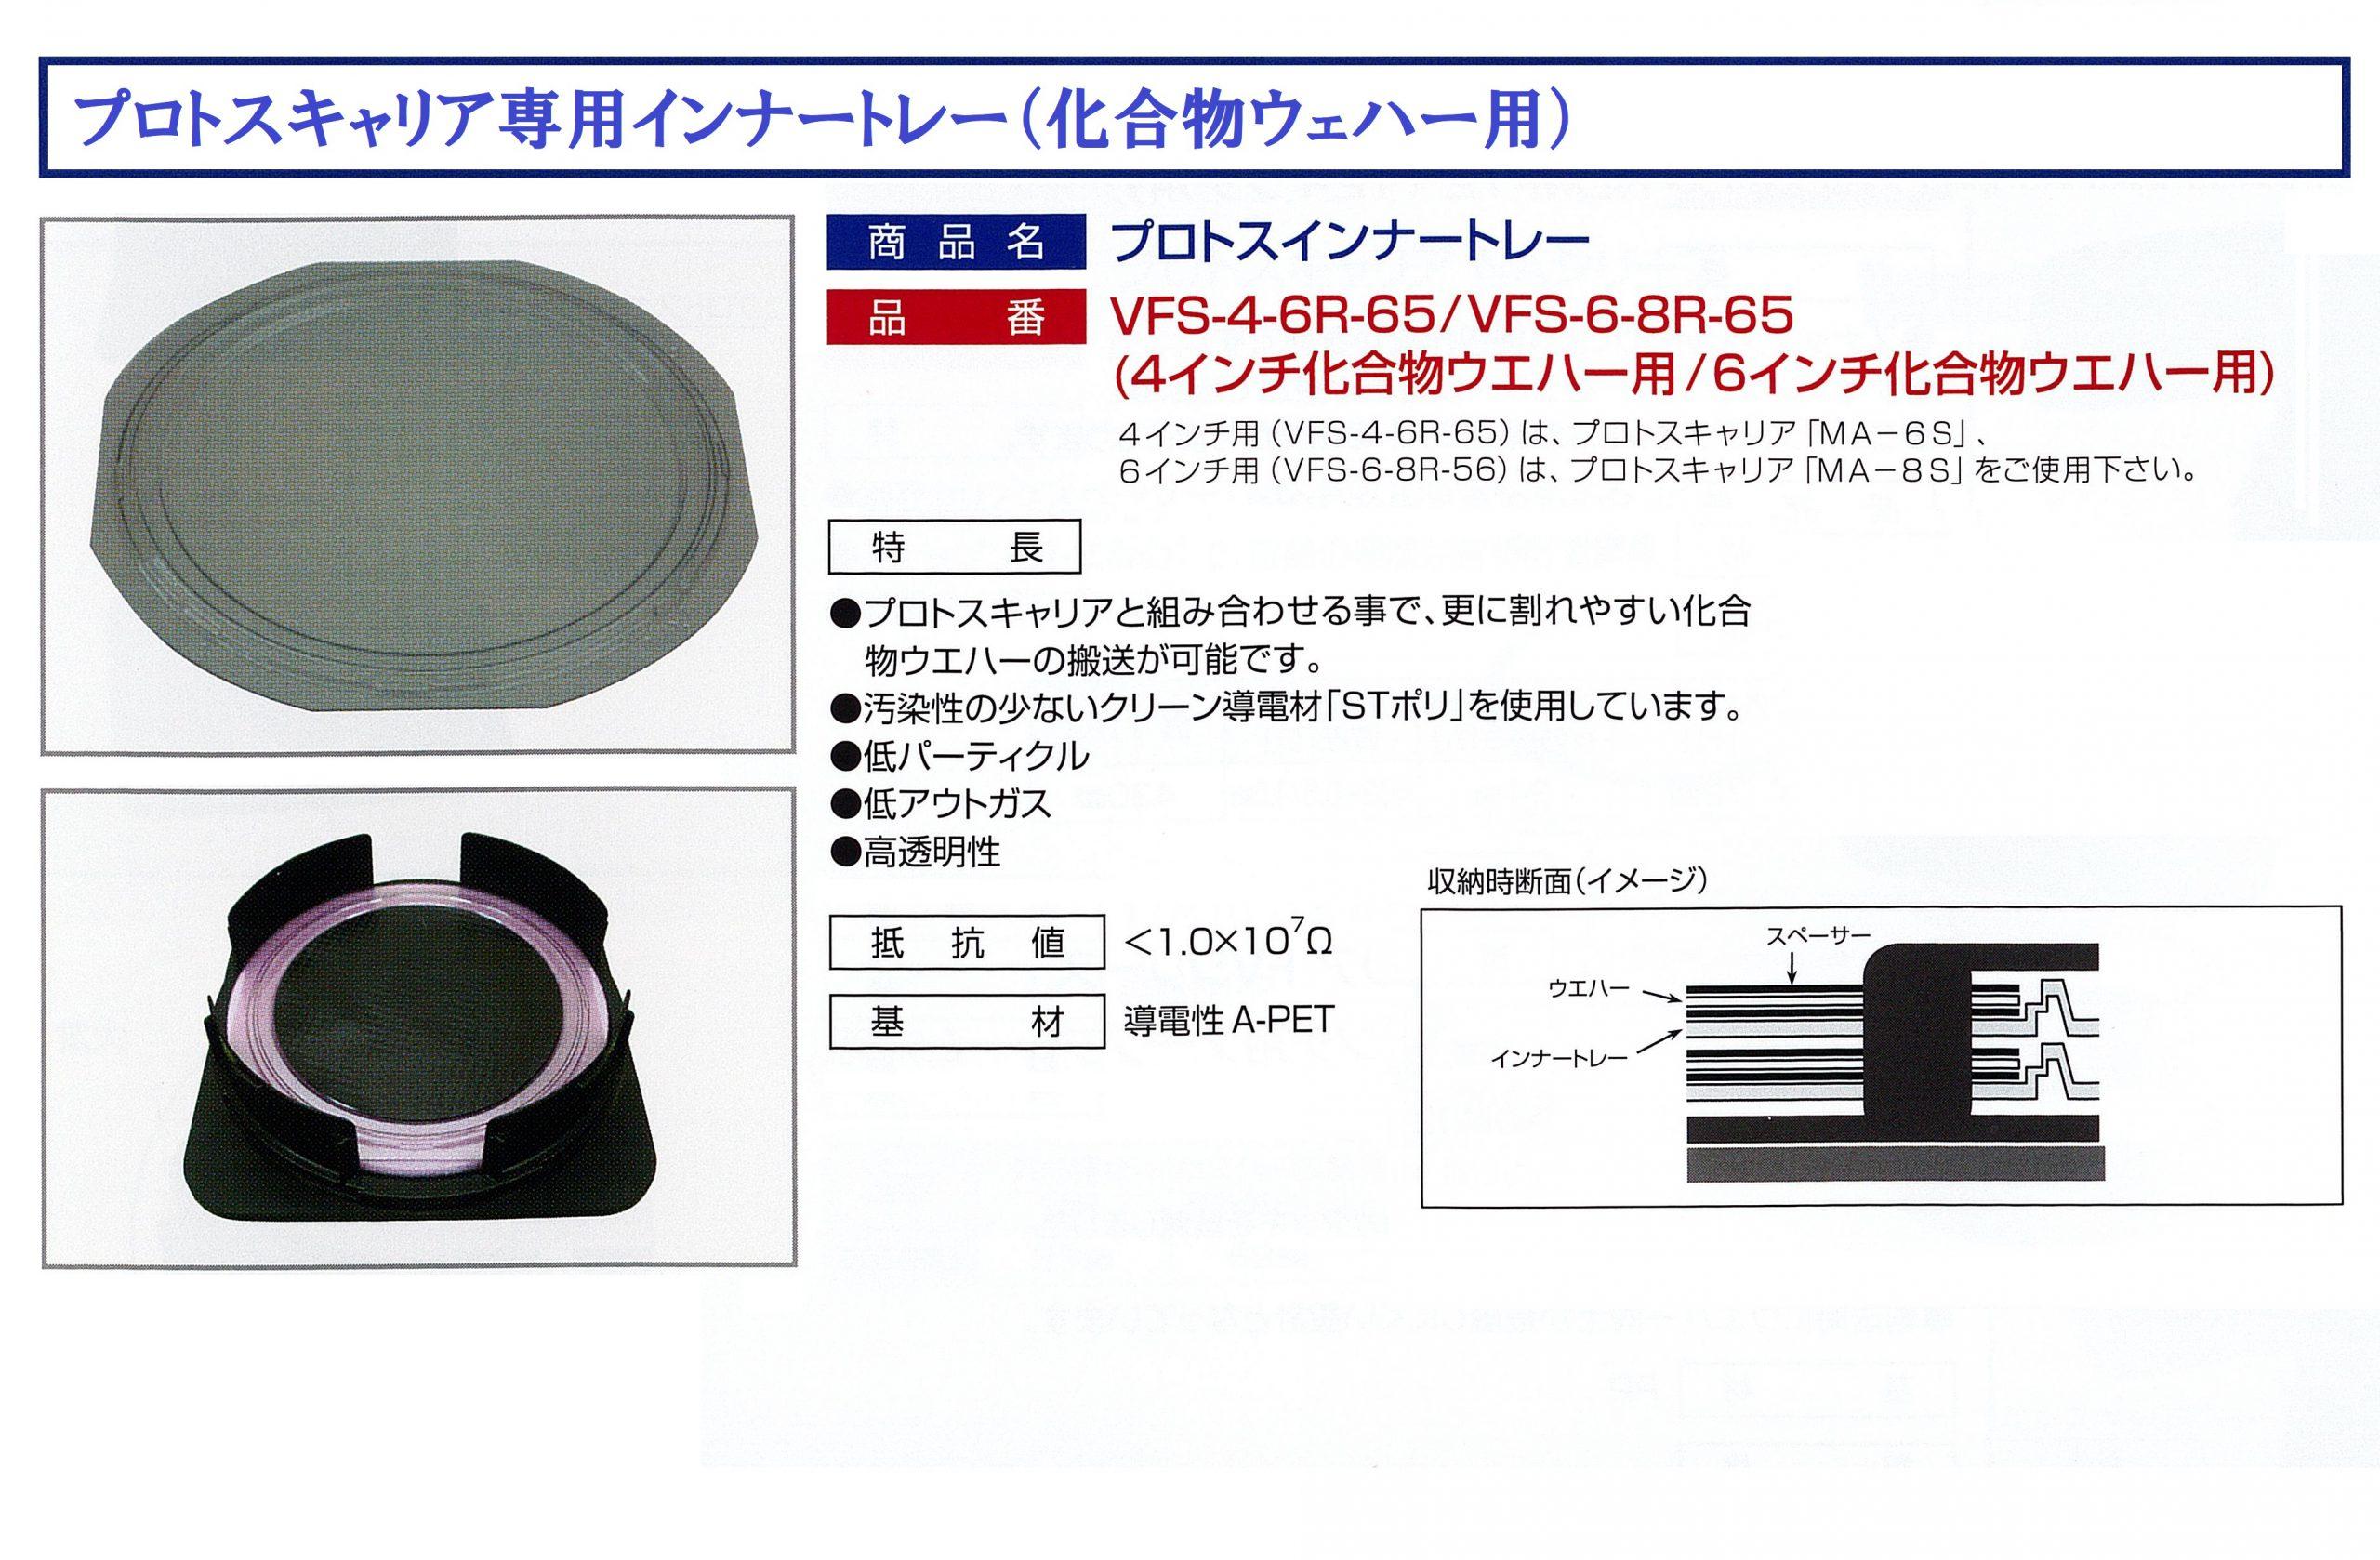 化合物ウェハー搬送用トレー(プロトスキャリア専用)